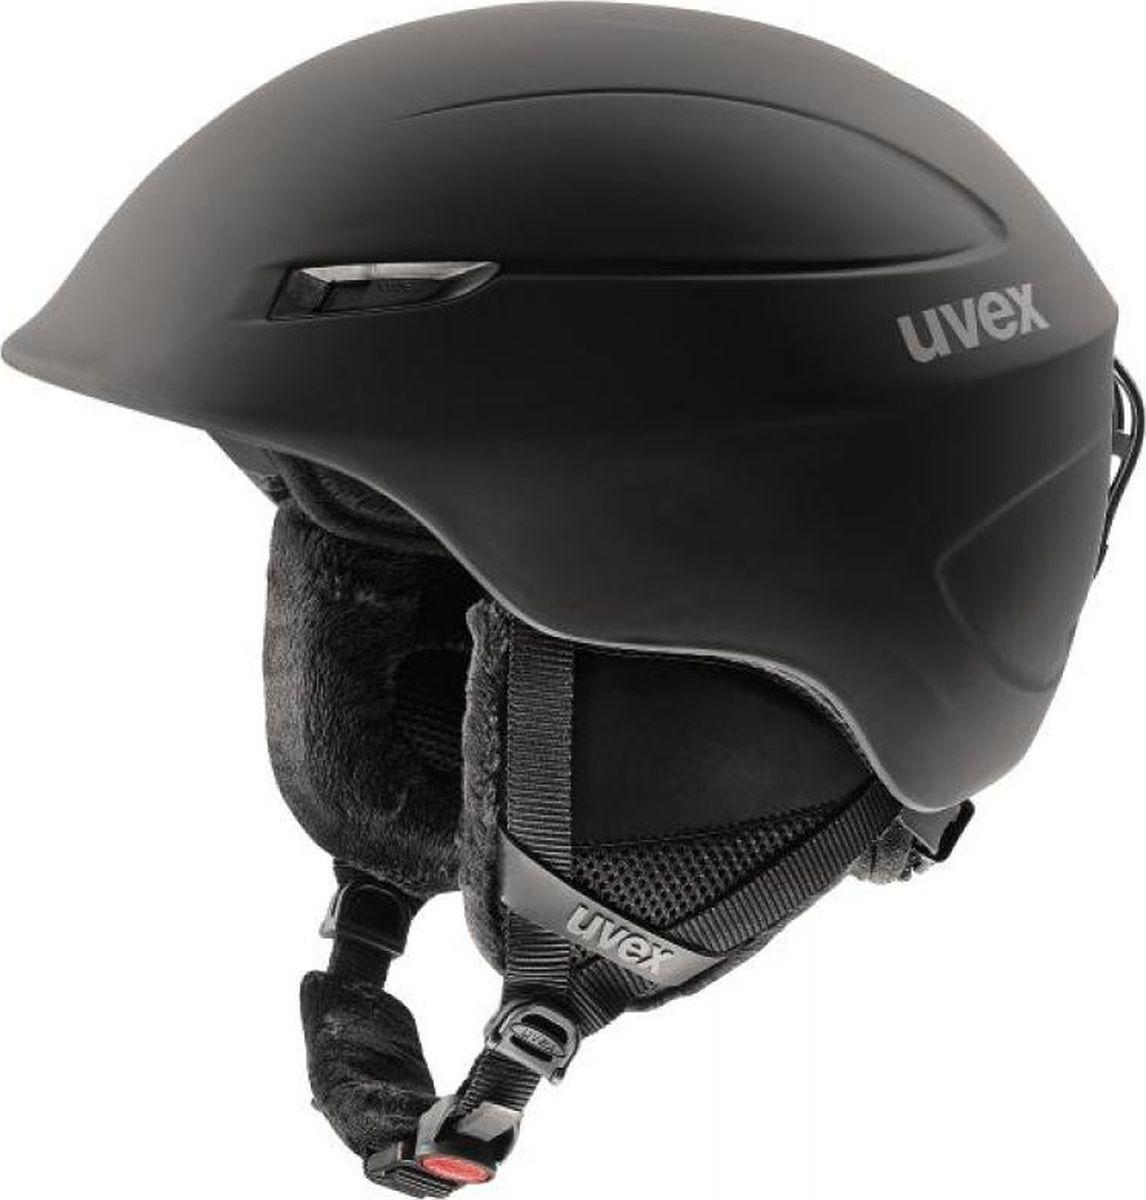 Шлем горнолыжный Uvex Oversize Helmet, цвет: черный матовый. Размер 60/64 шлем горнолыжный для мальчика uvex airwing 2 kid s helmet 6132 46 синий размер xxs